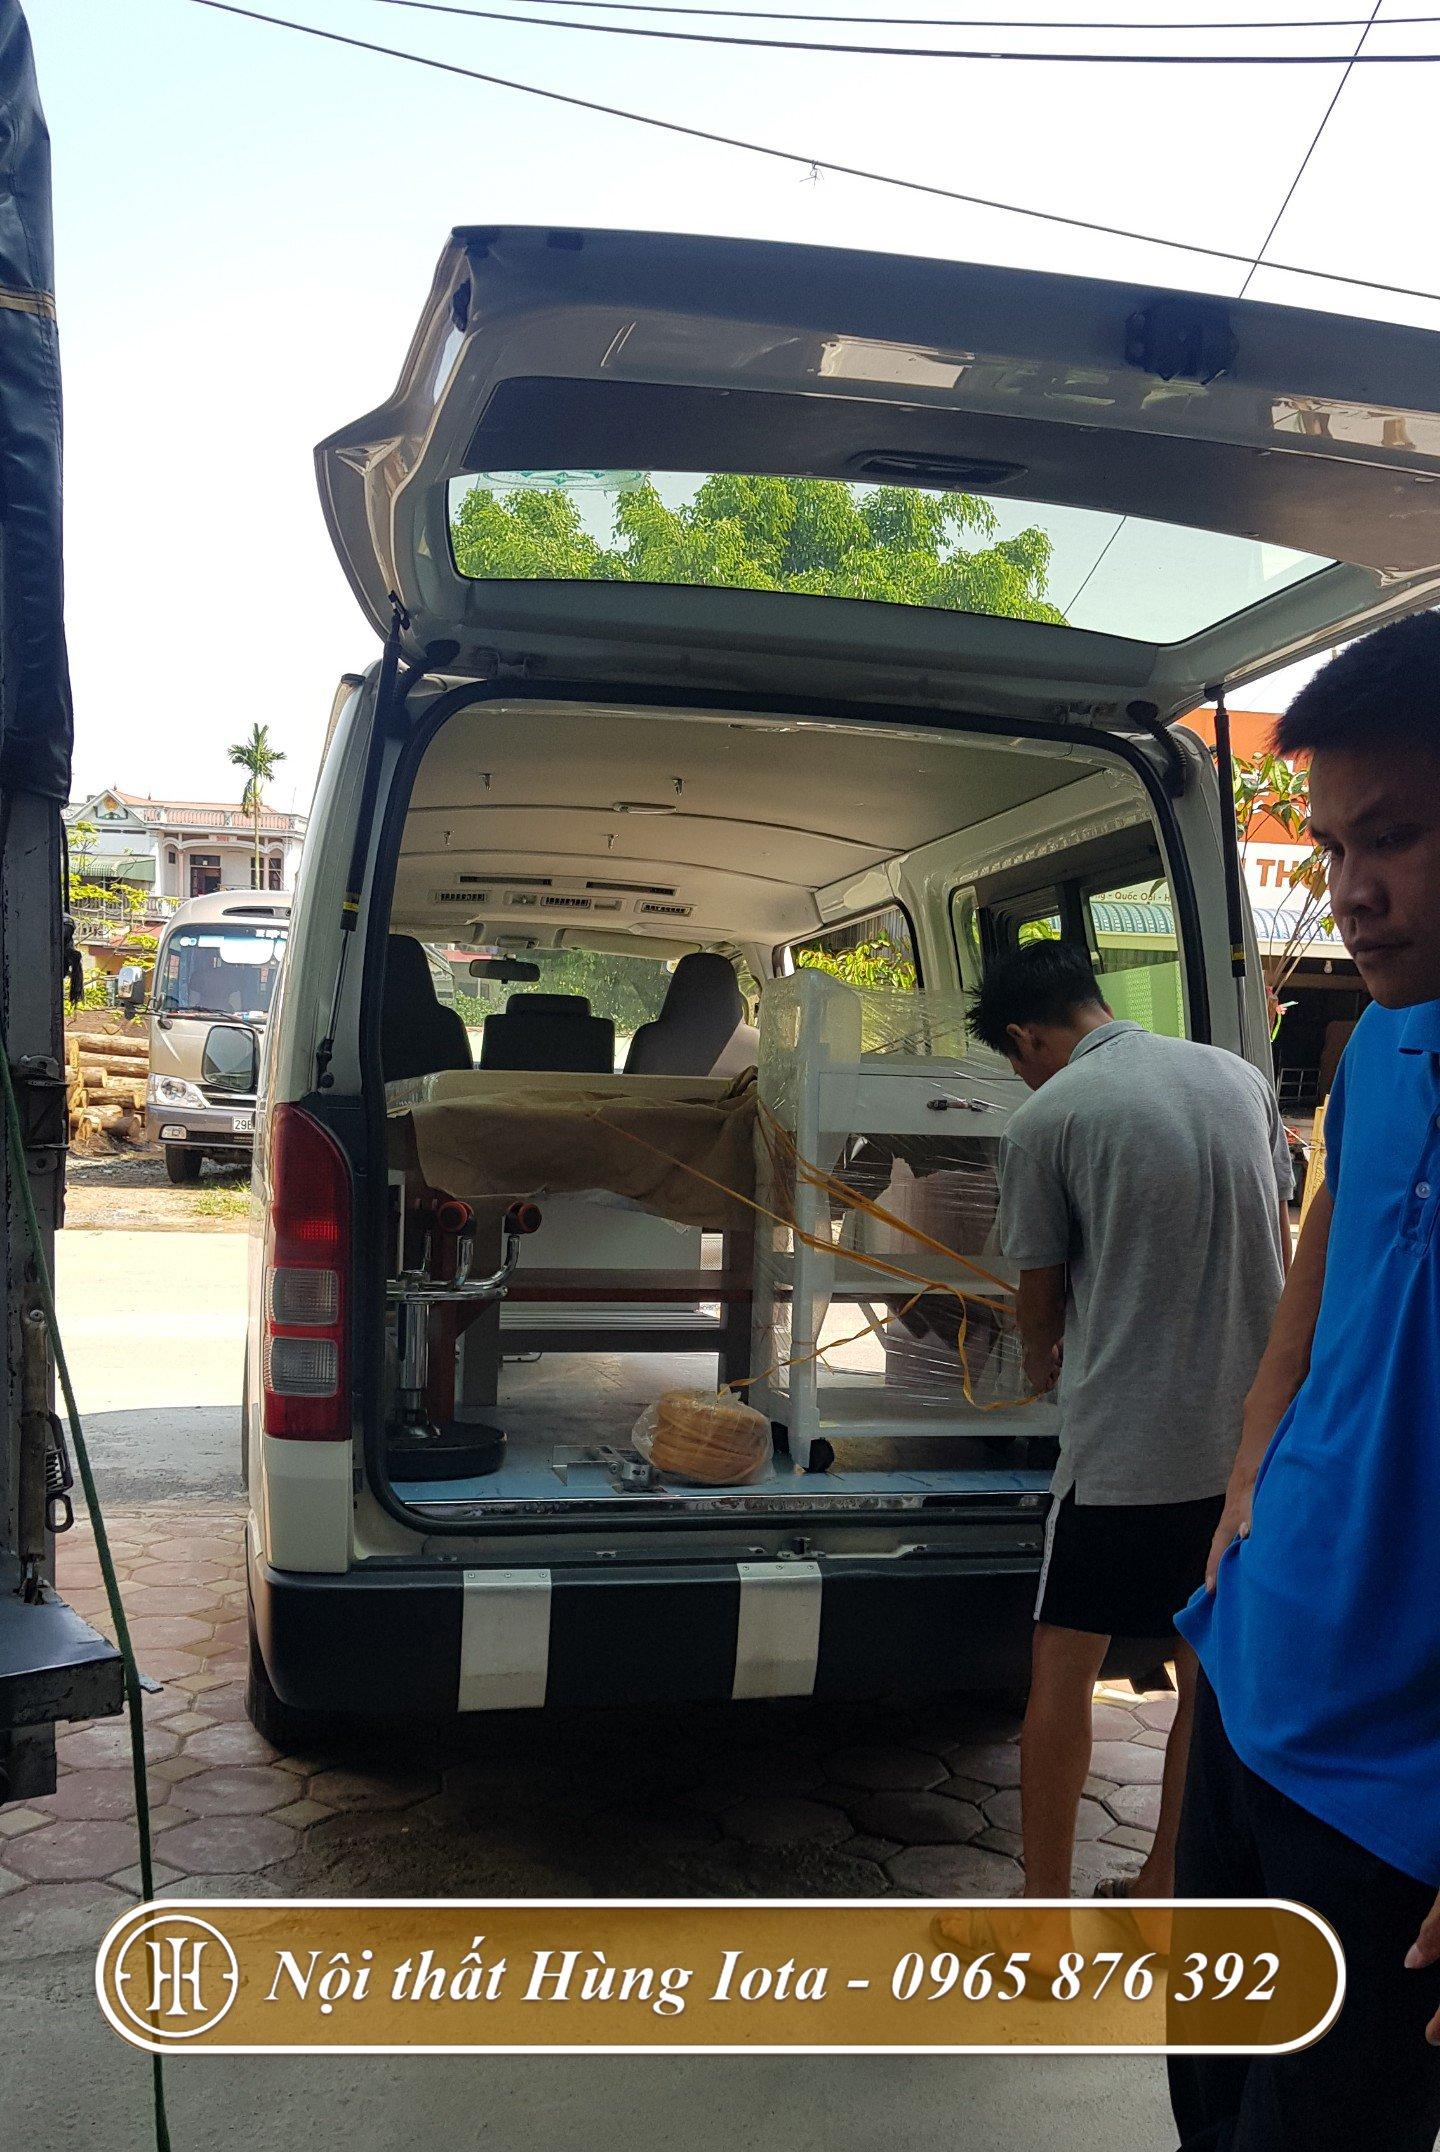 Lắp đặt giường châm cứu bấm huyệt cho bệnh viện y dược ở Vĩnh Phúc